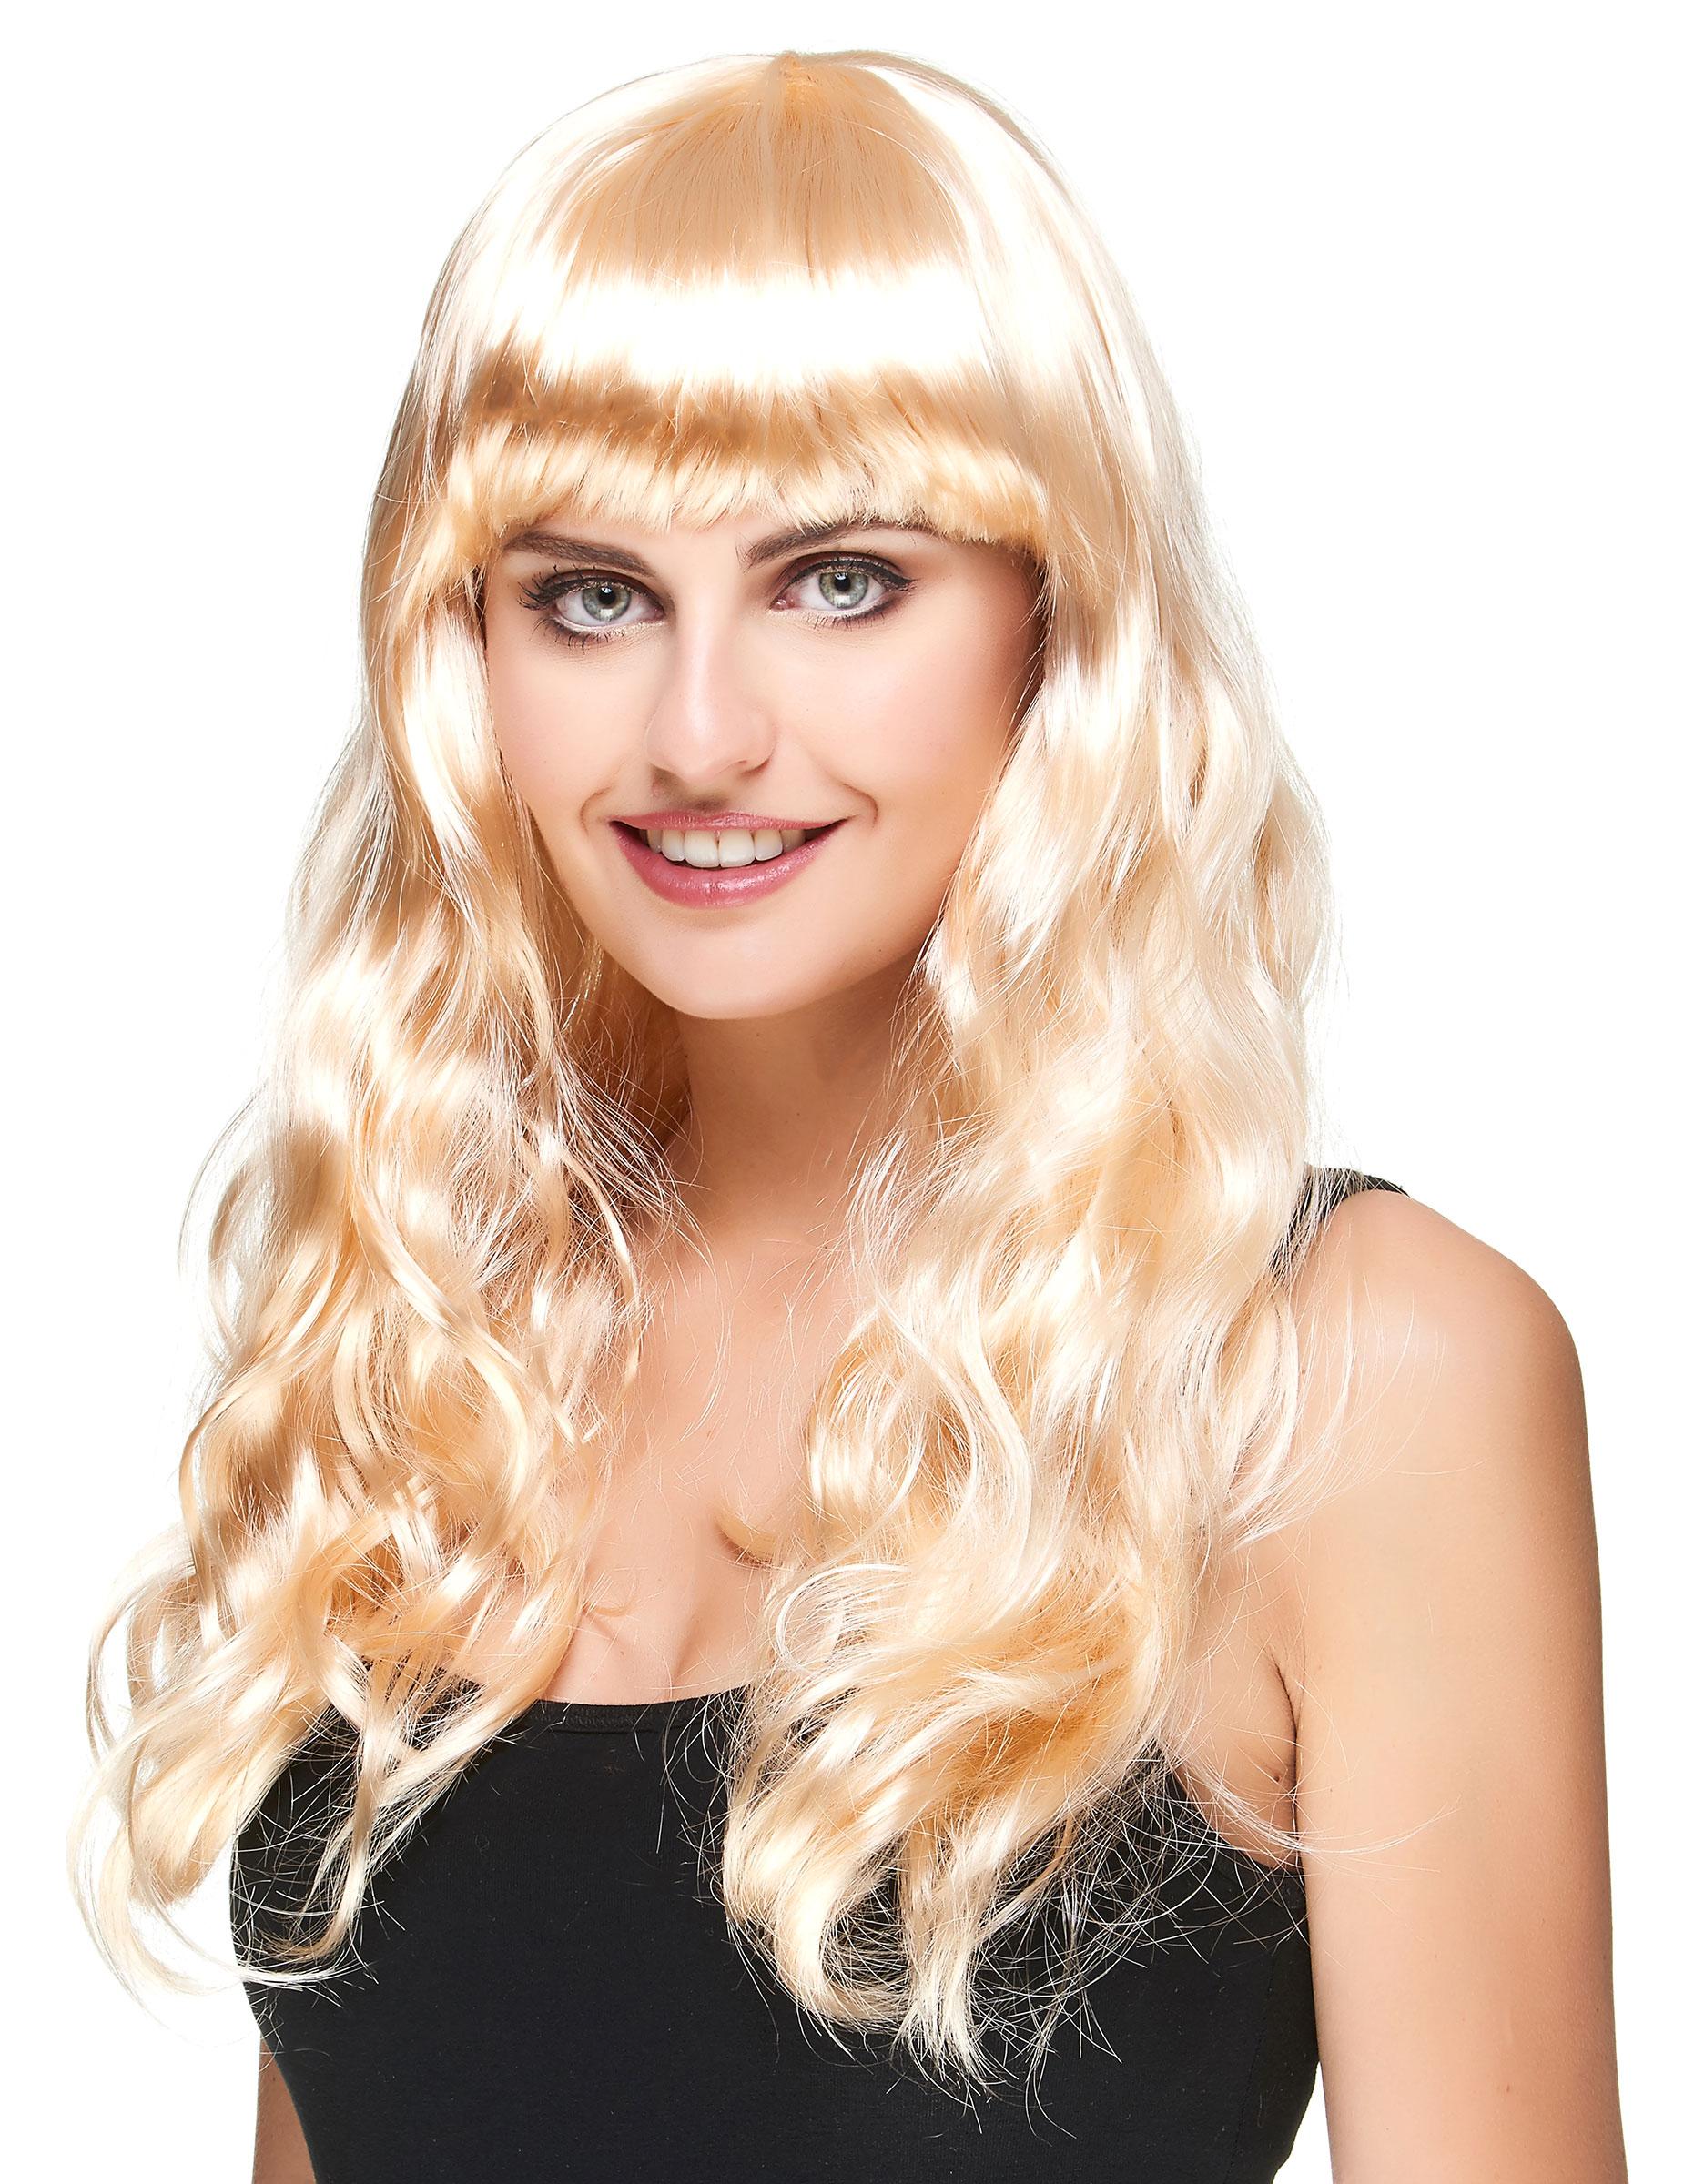 Perruque blonde longue femme d coration anniversaire et f tes th me sur vegaoo party - Photos meches blondes et noires ...